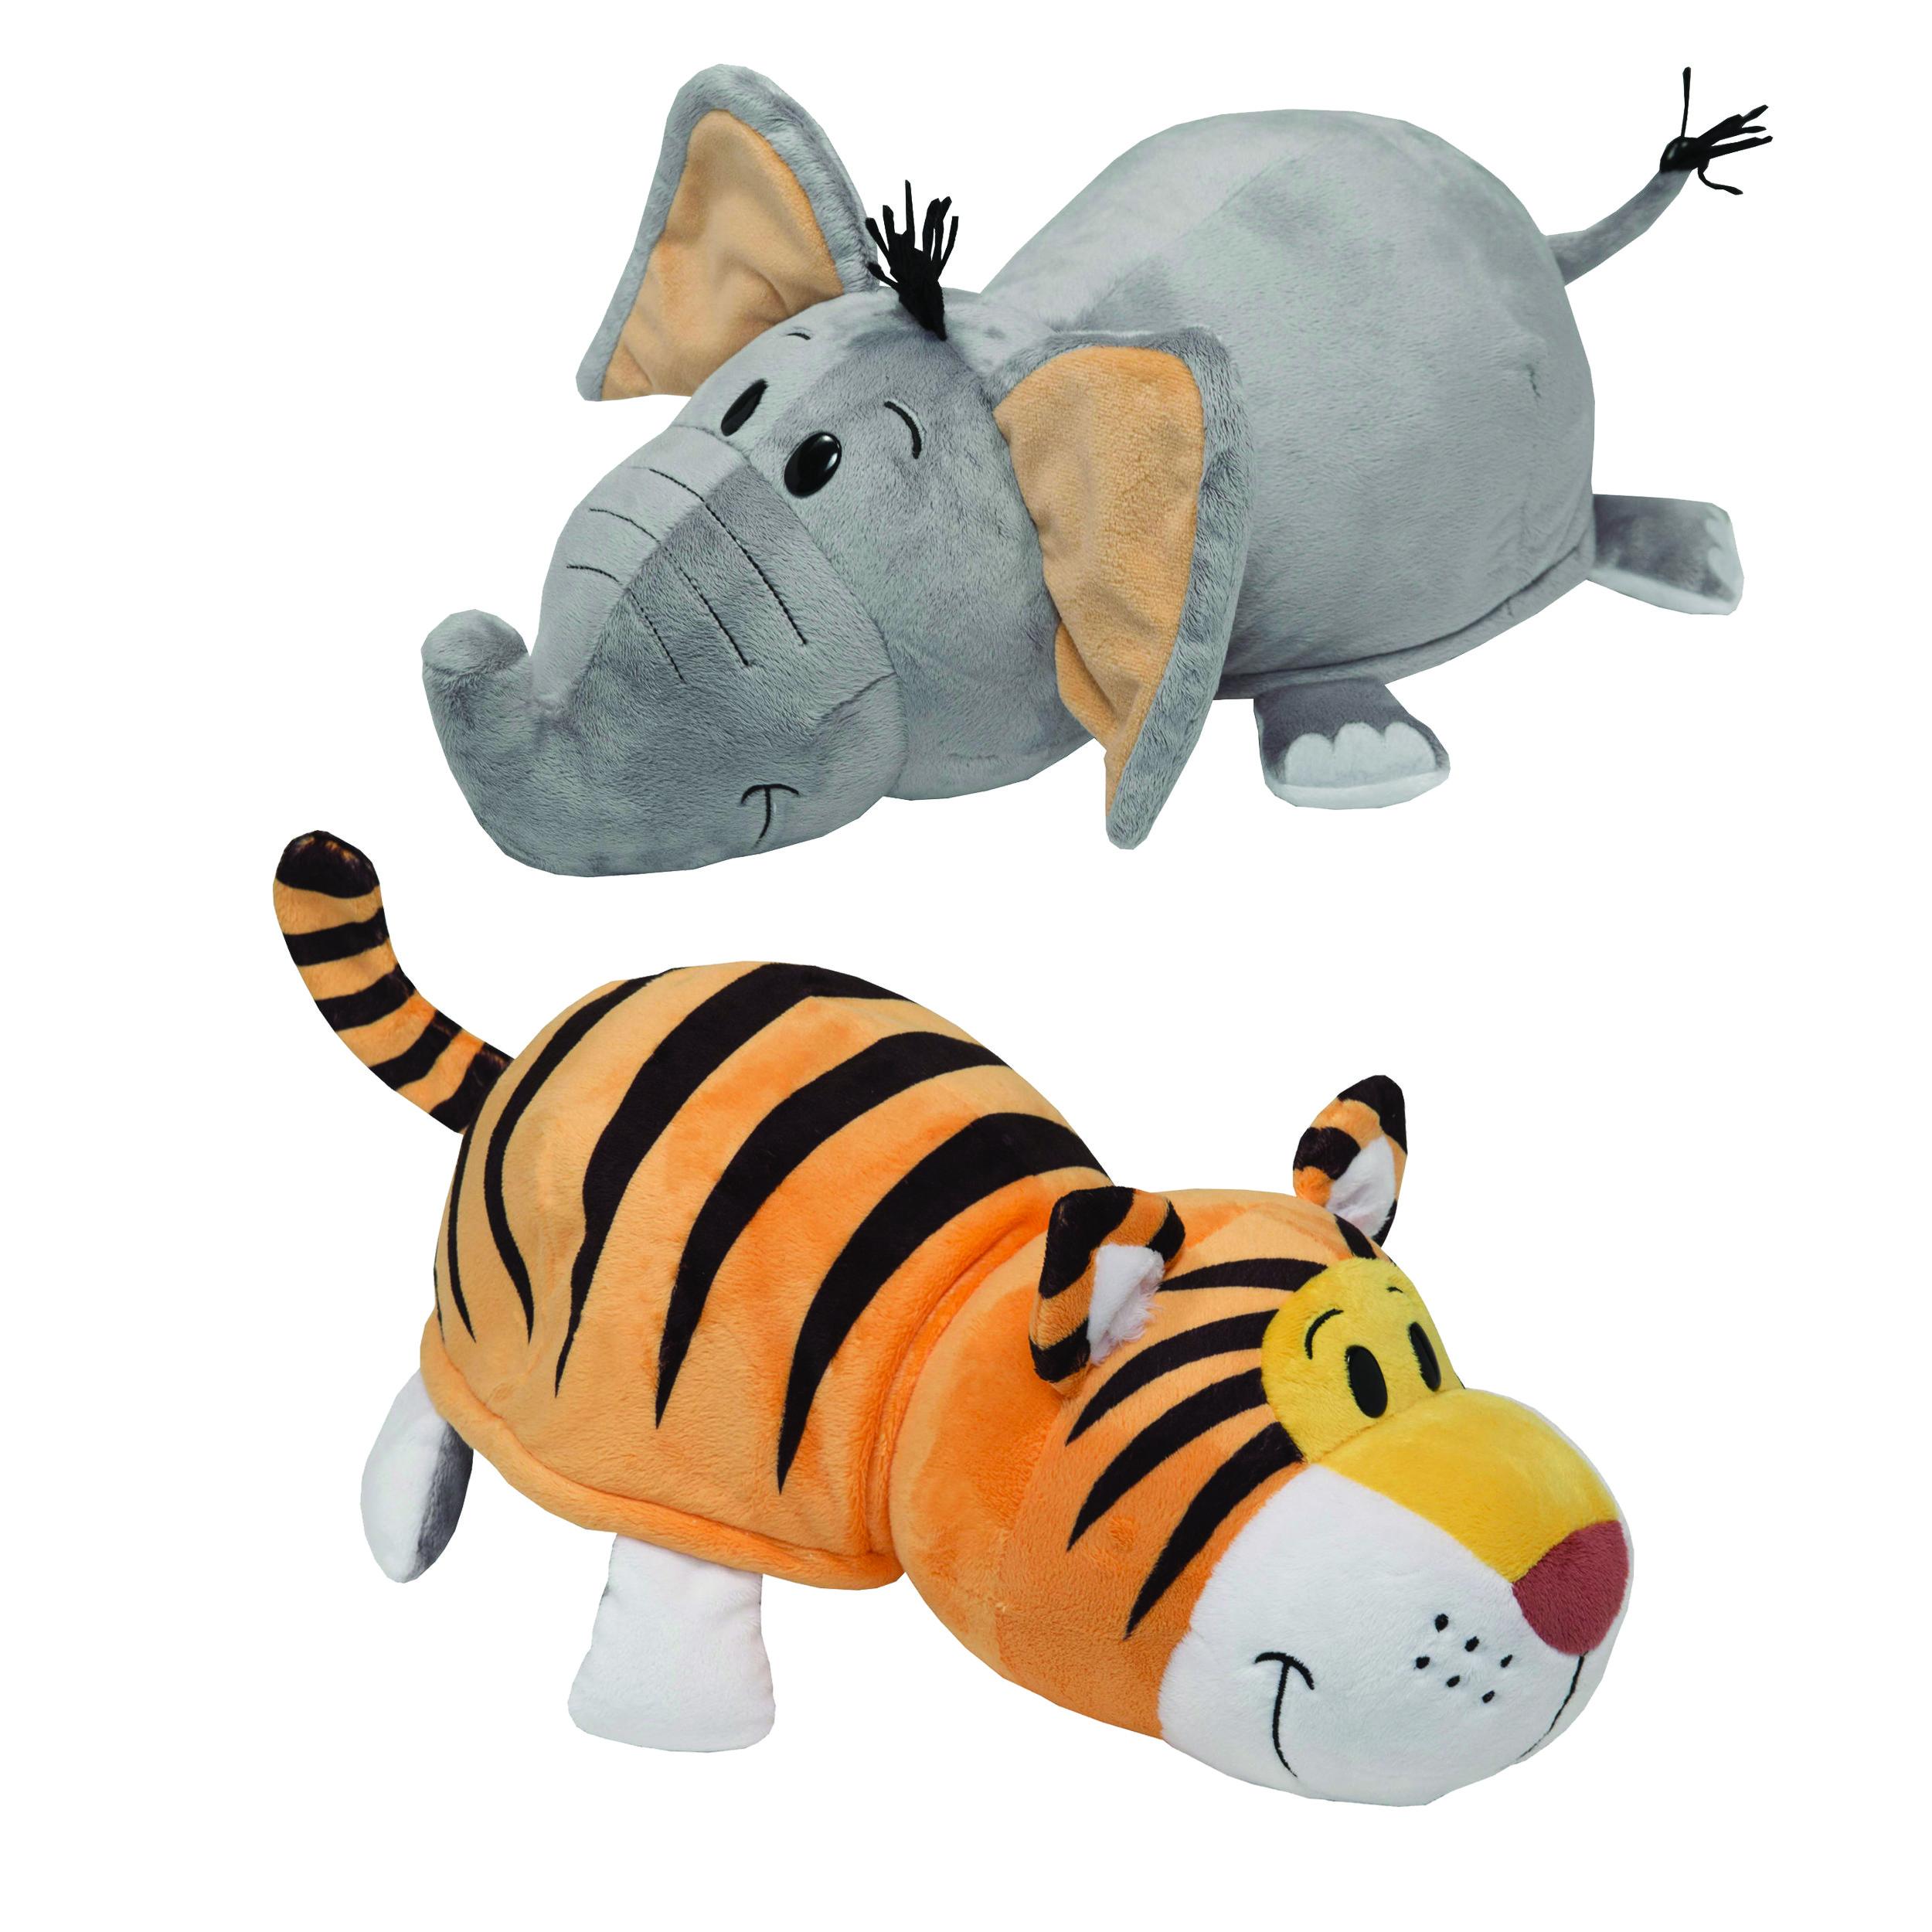 Мягкие игрушки 1toy Вывернушка. Слон-Тигр игрушка 1toy вывернушка 2в1 тигр слон т10876